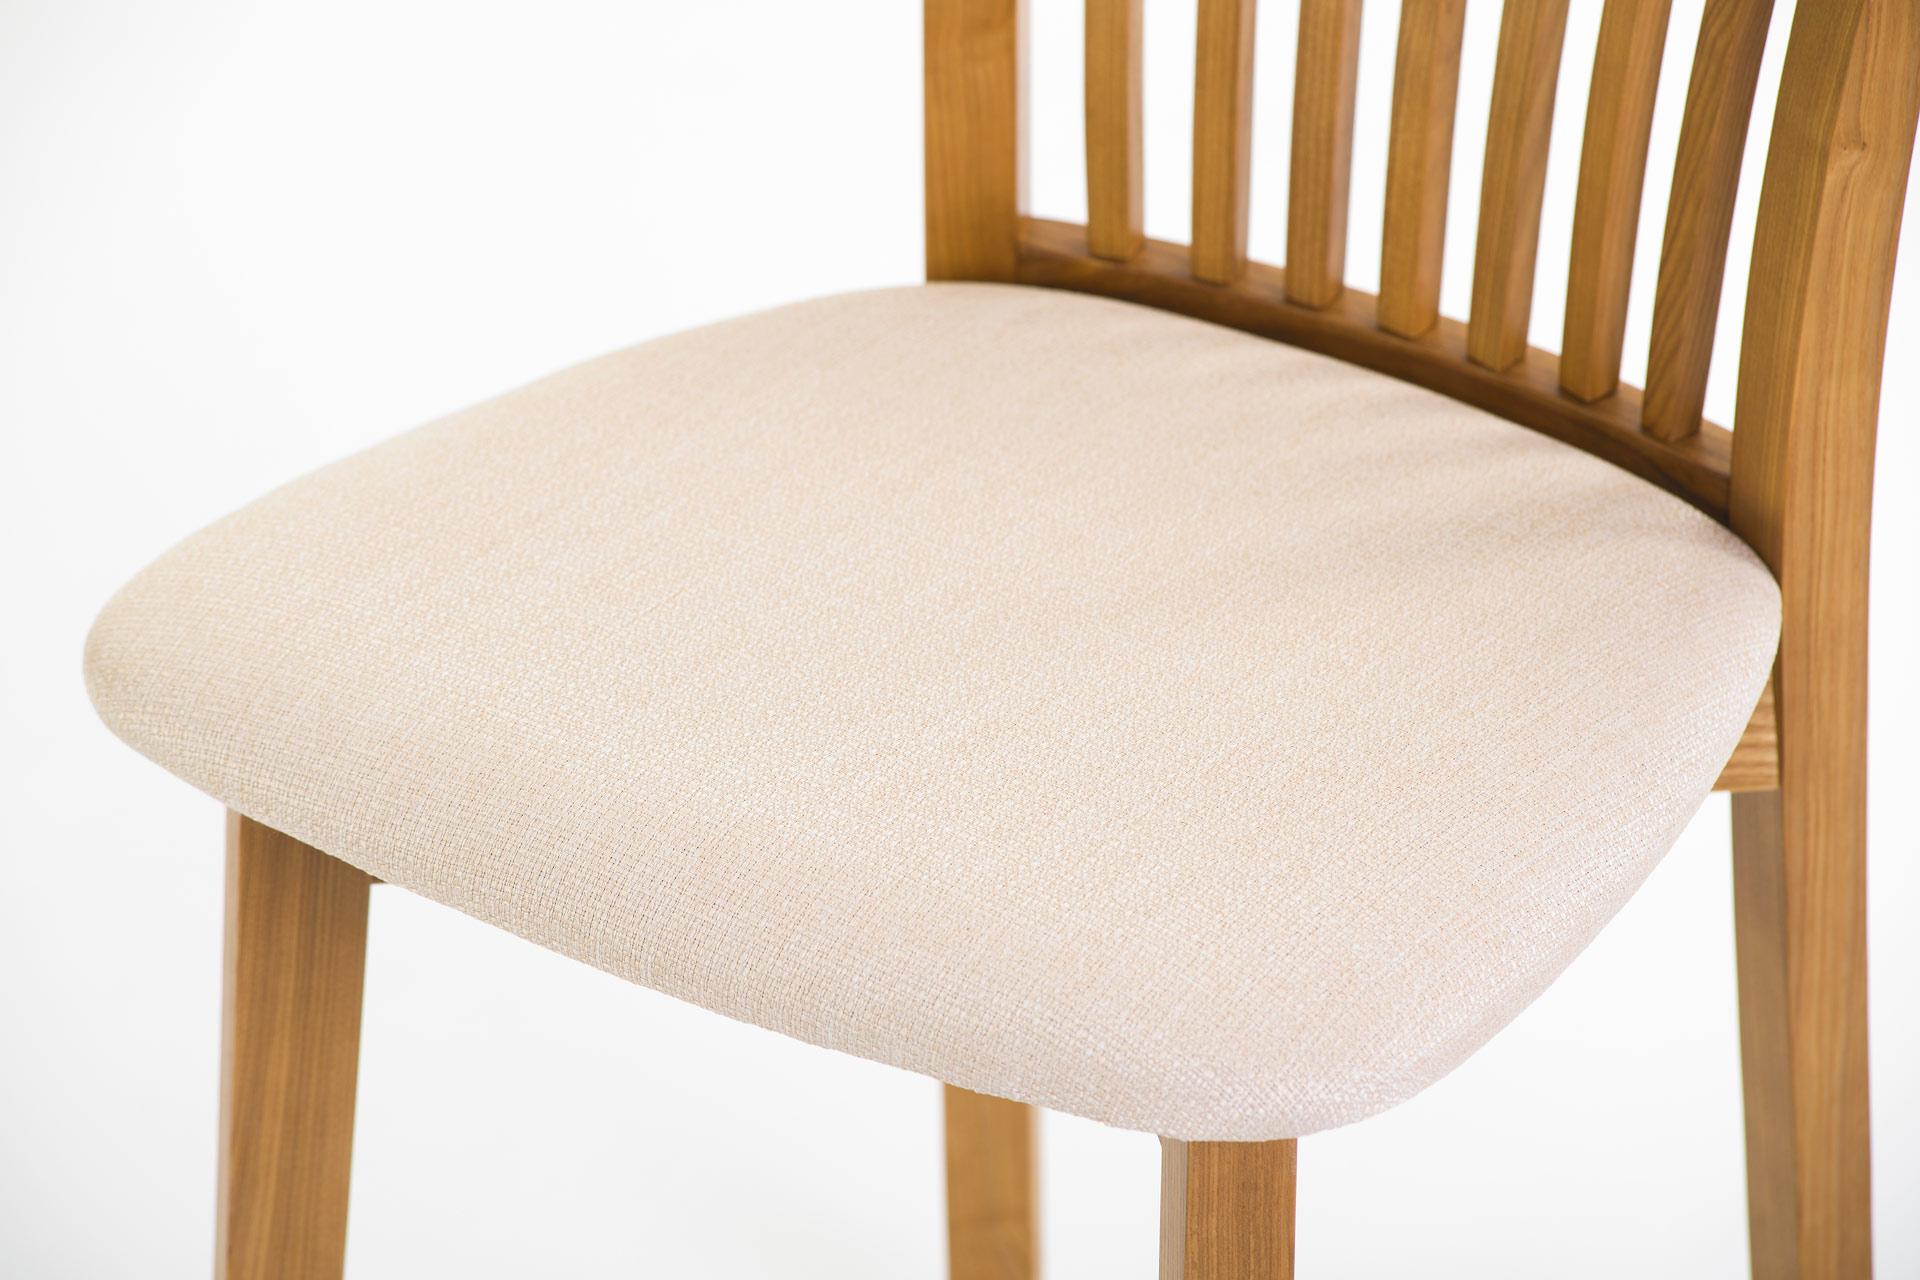 Кухонный стул 07М с белым мягким сиденьем • OLEKSENKO Столы и Стулья •